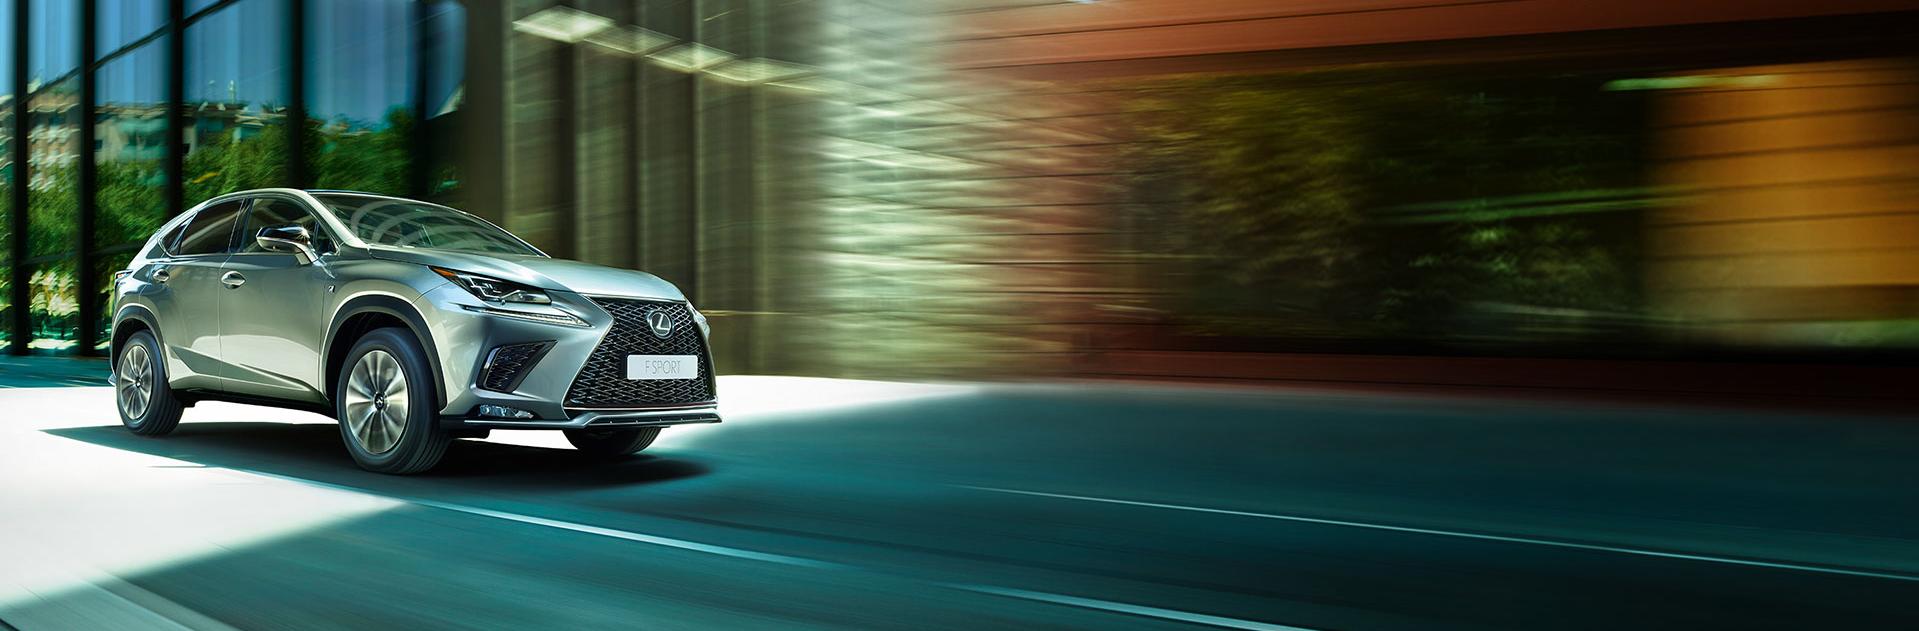 Lateral Lexus nx300h